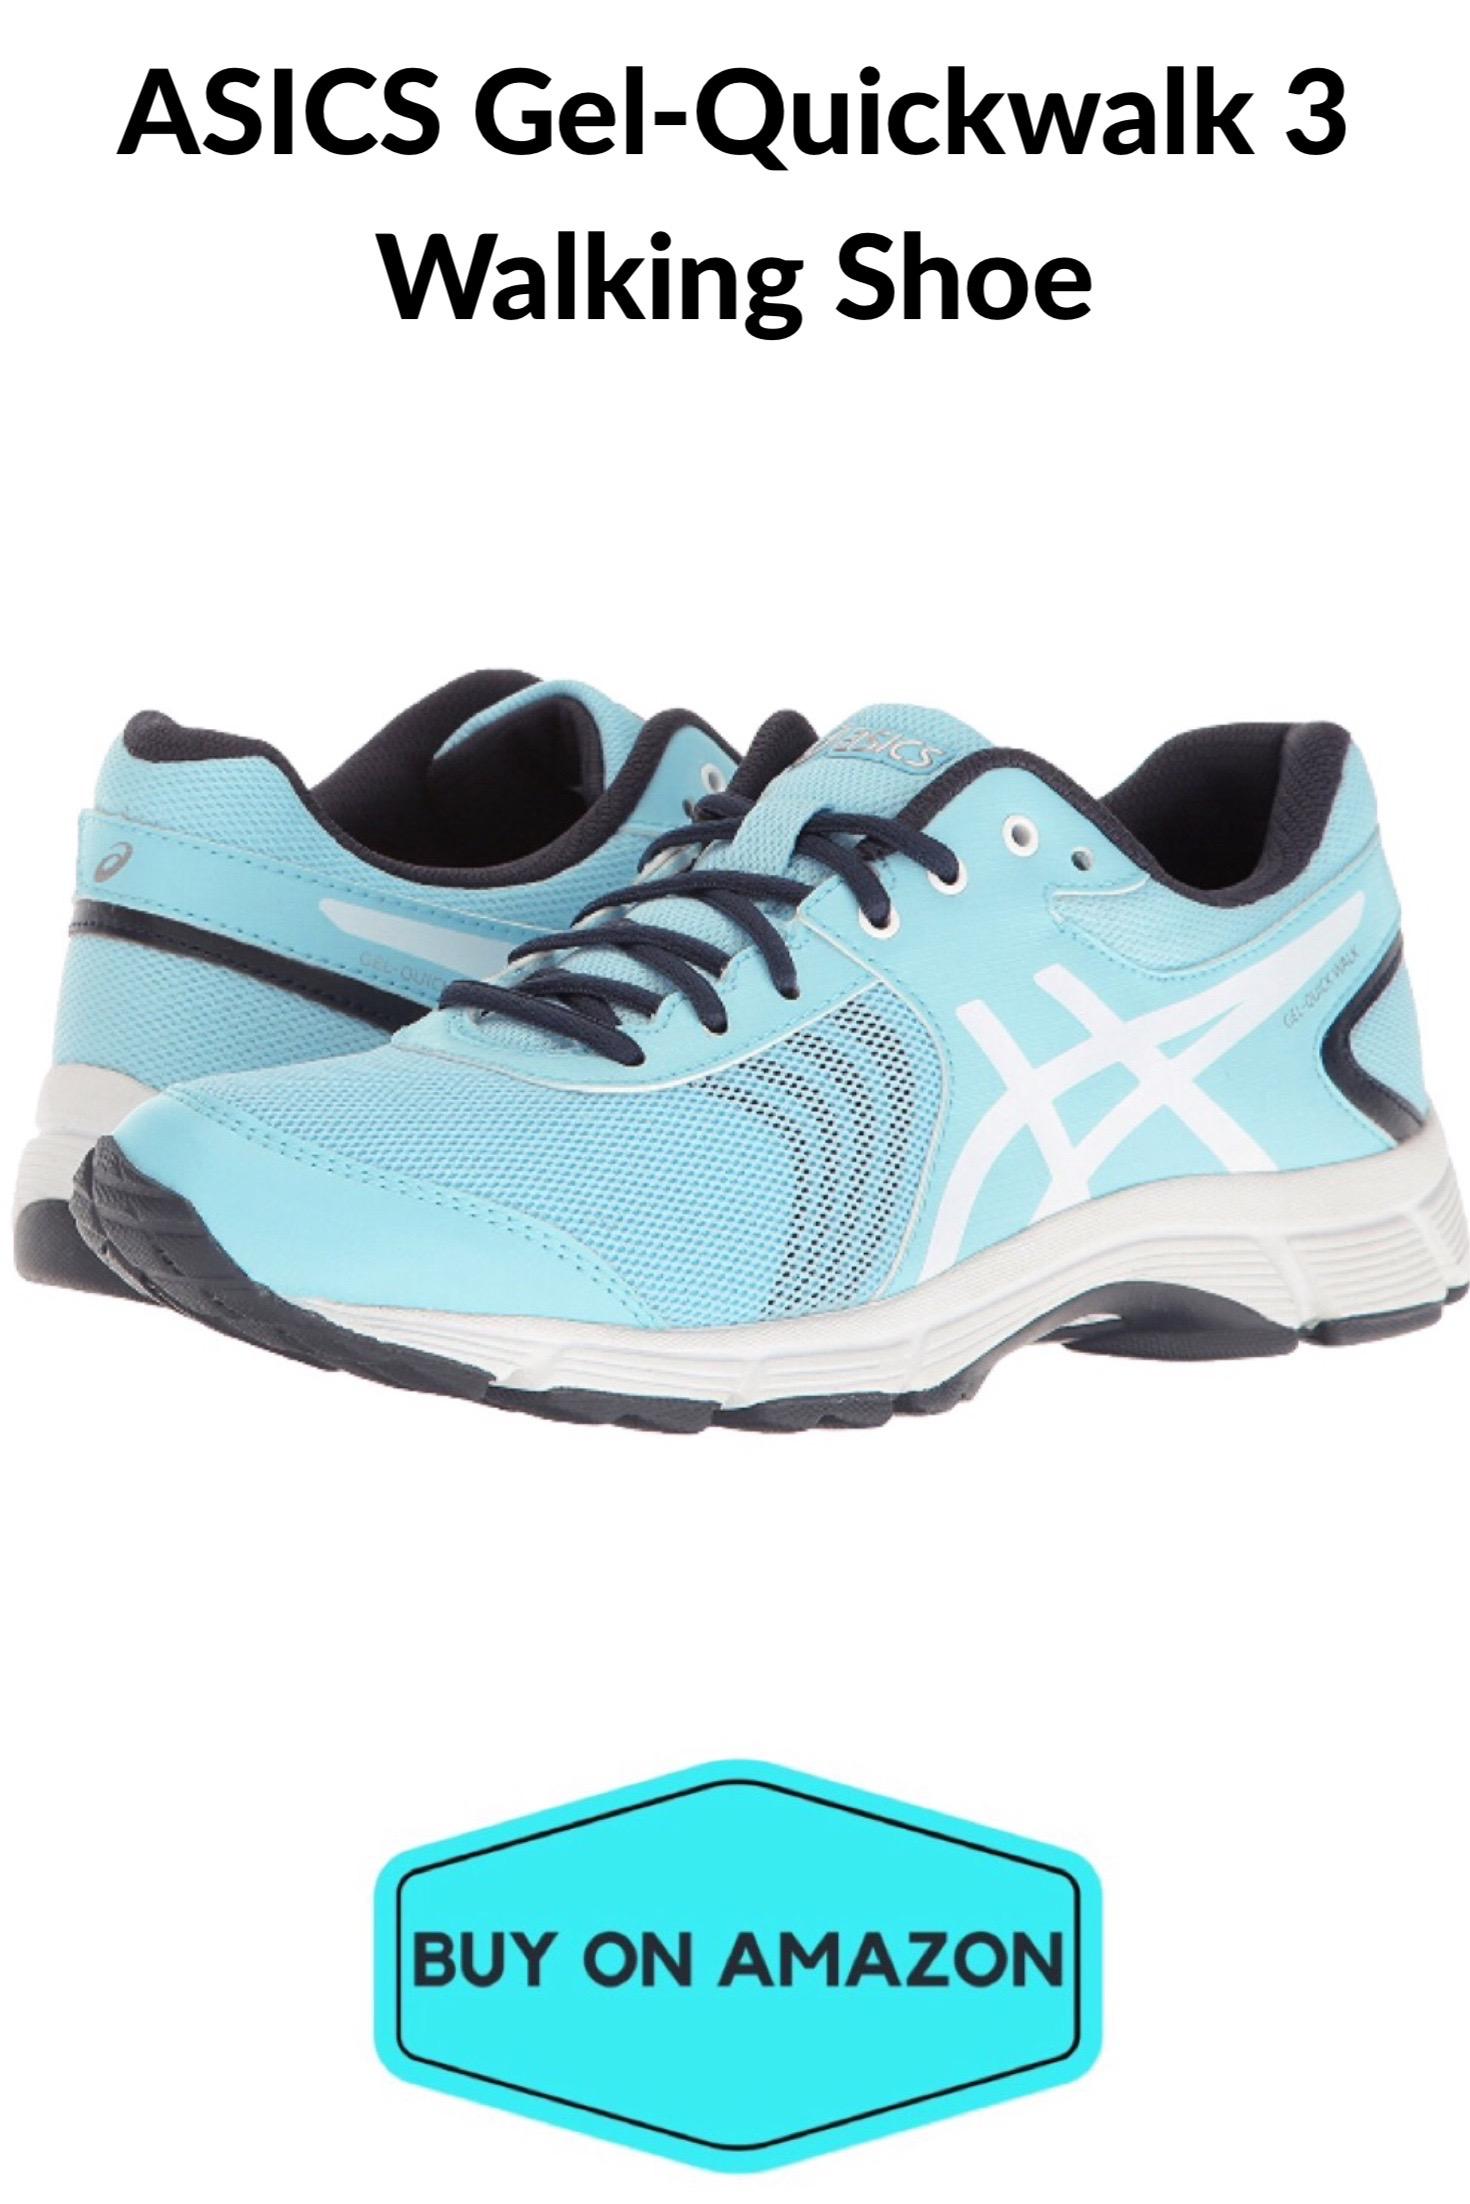 ASICS Gel-Quickwalk 3 Women's Walking Shoe